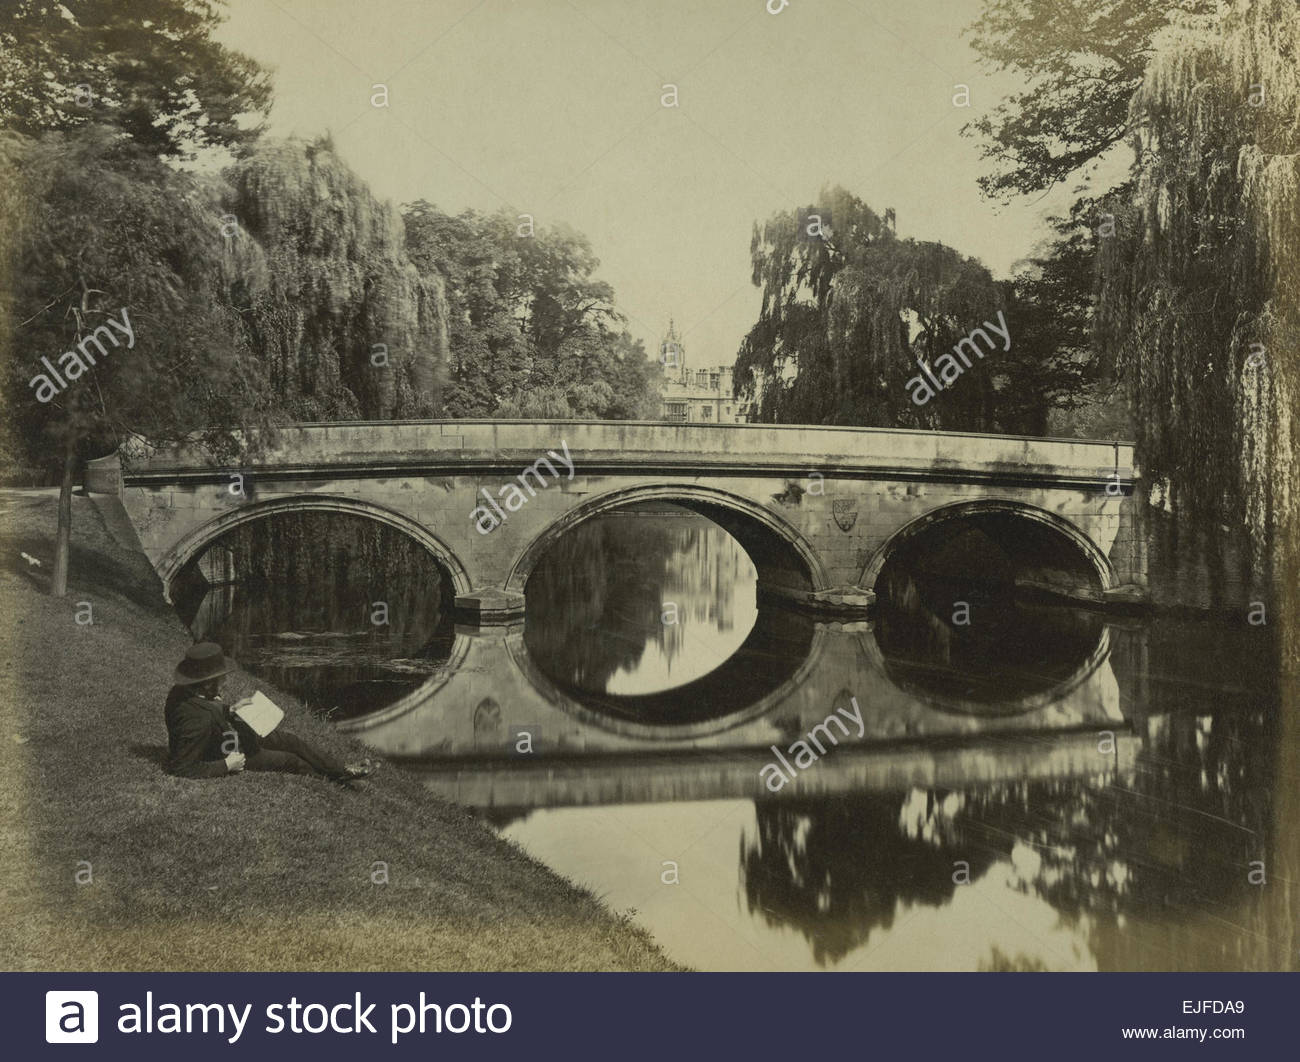 Circa 1870 Albumen Print of the Bridge over the River Cam at Cambridge University, England. Shows man in a Bowler - Stock Image